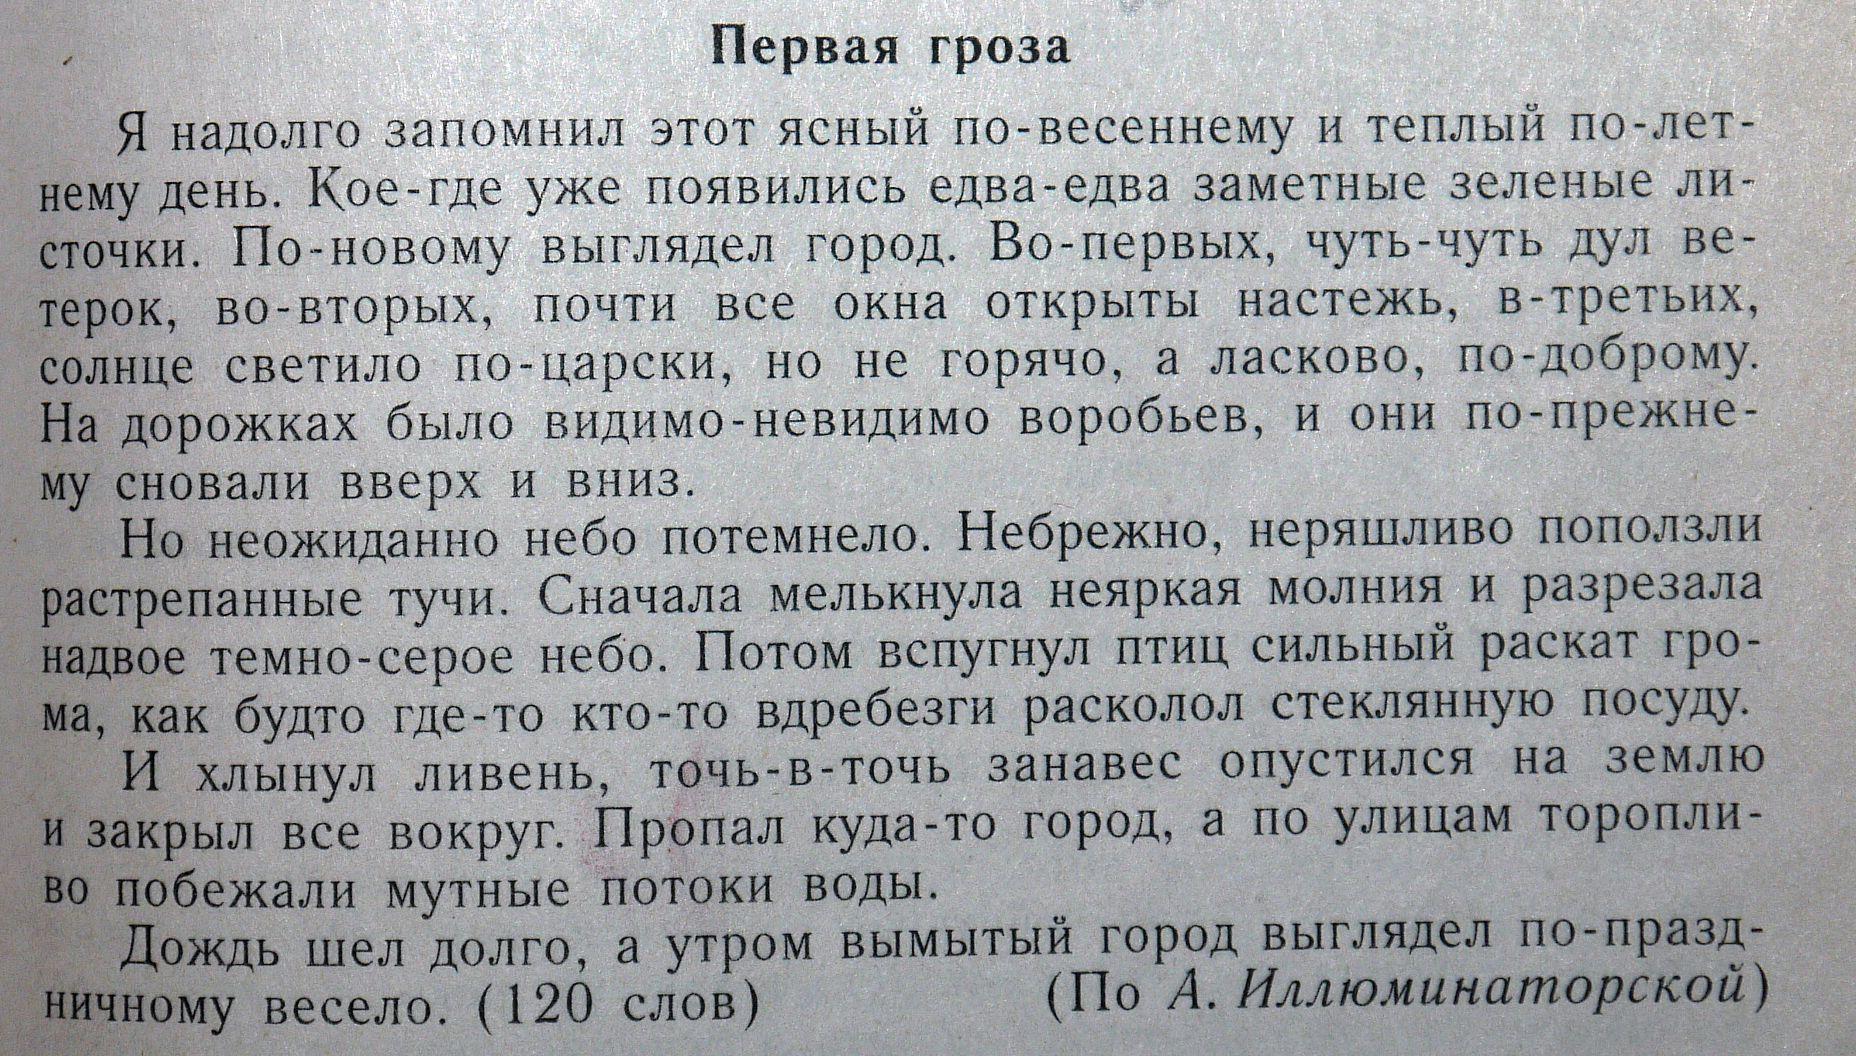 Решеба точка ру 9 класс по белорусской литературе